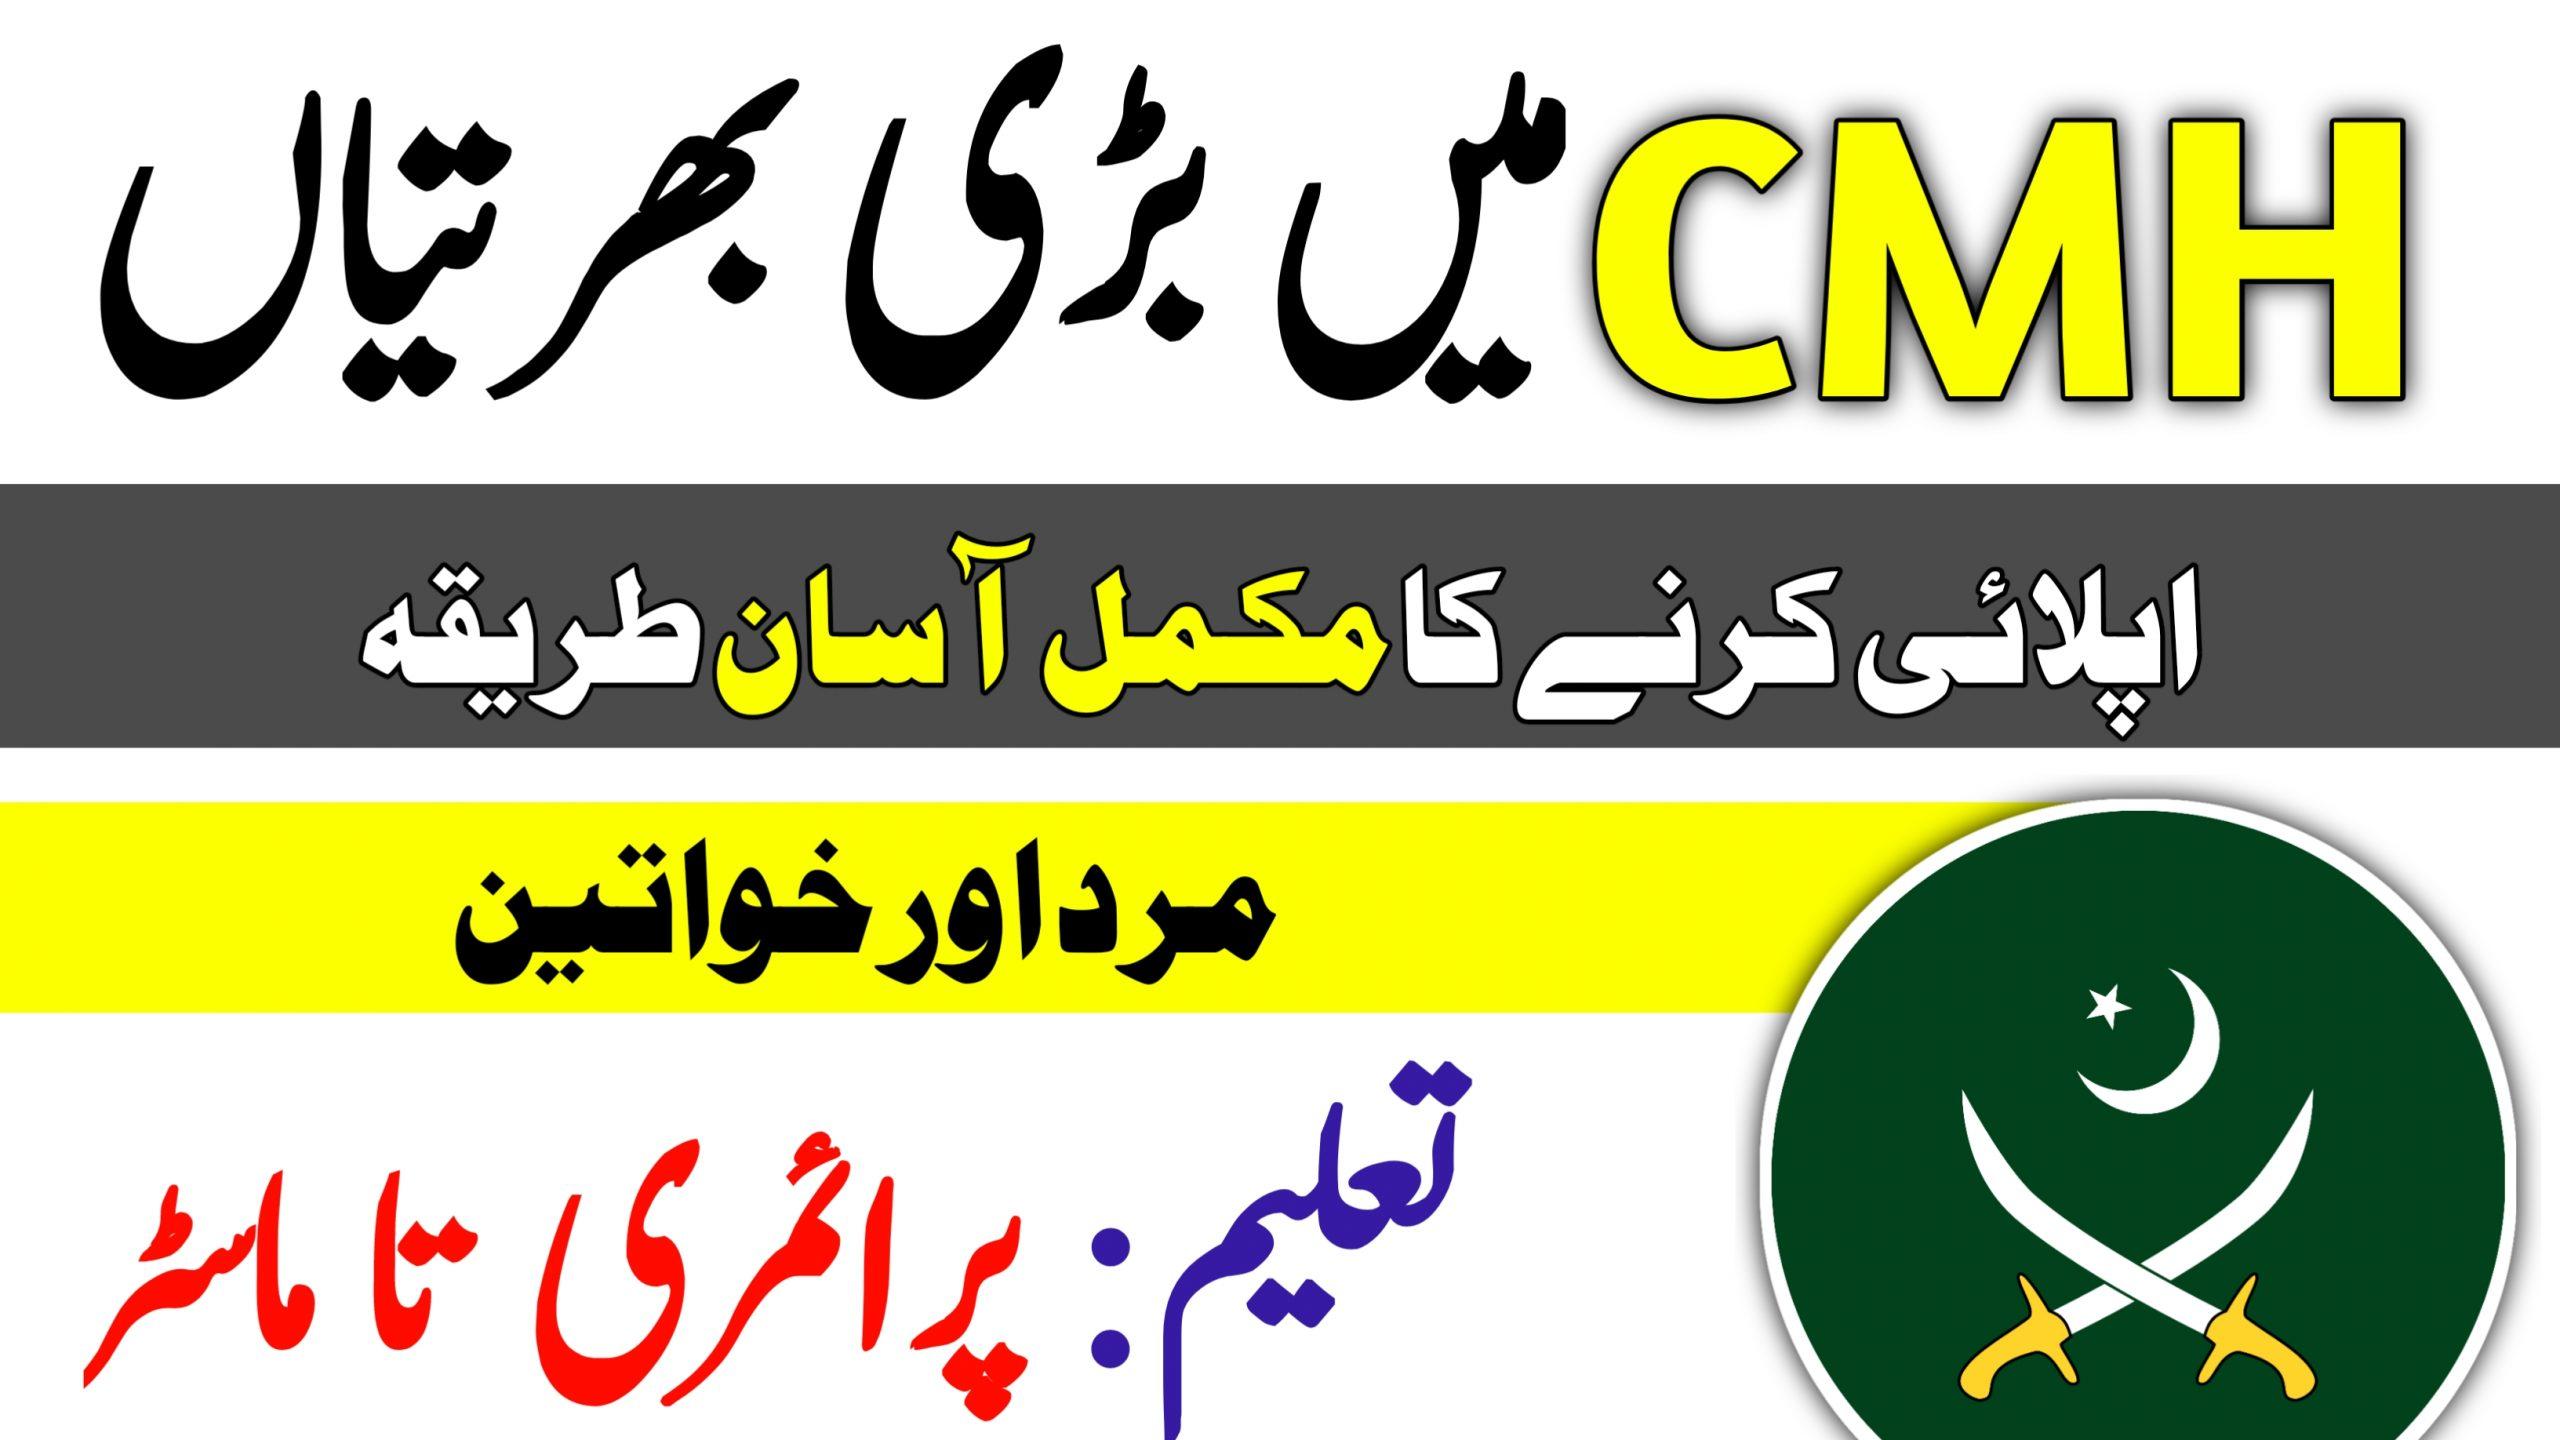 CMH jobs 2021-CMH hospital jobs in Pakistan 2021|Apply Now